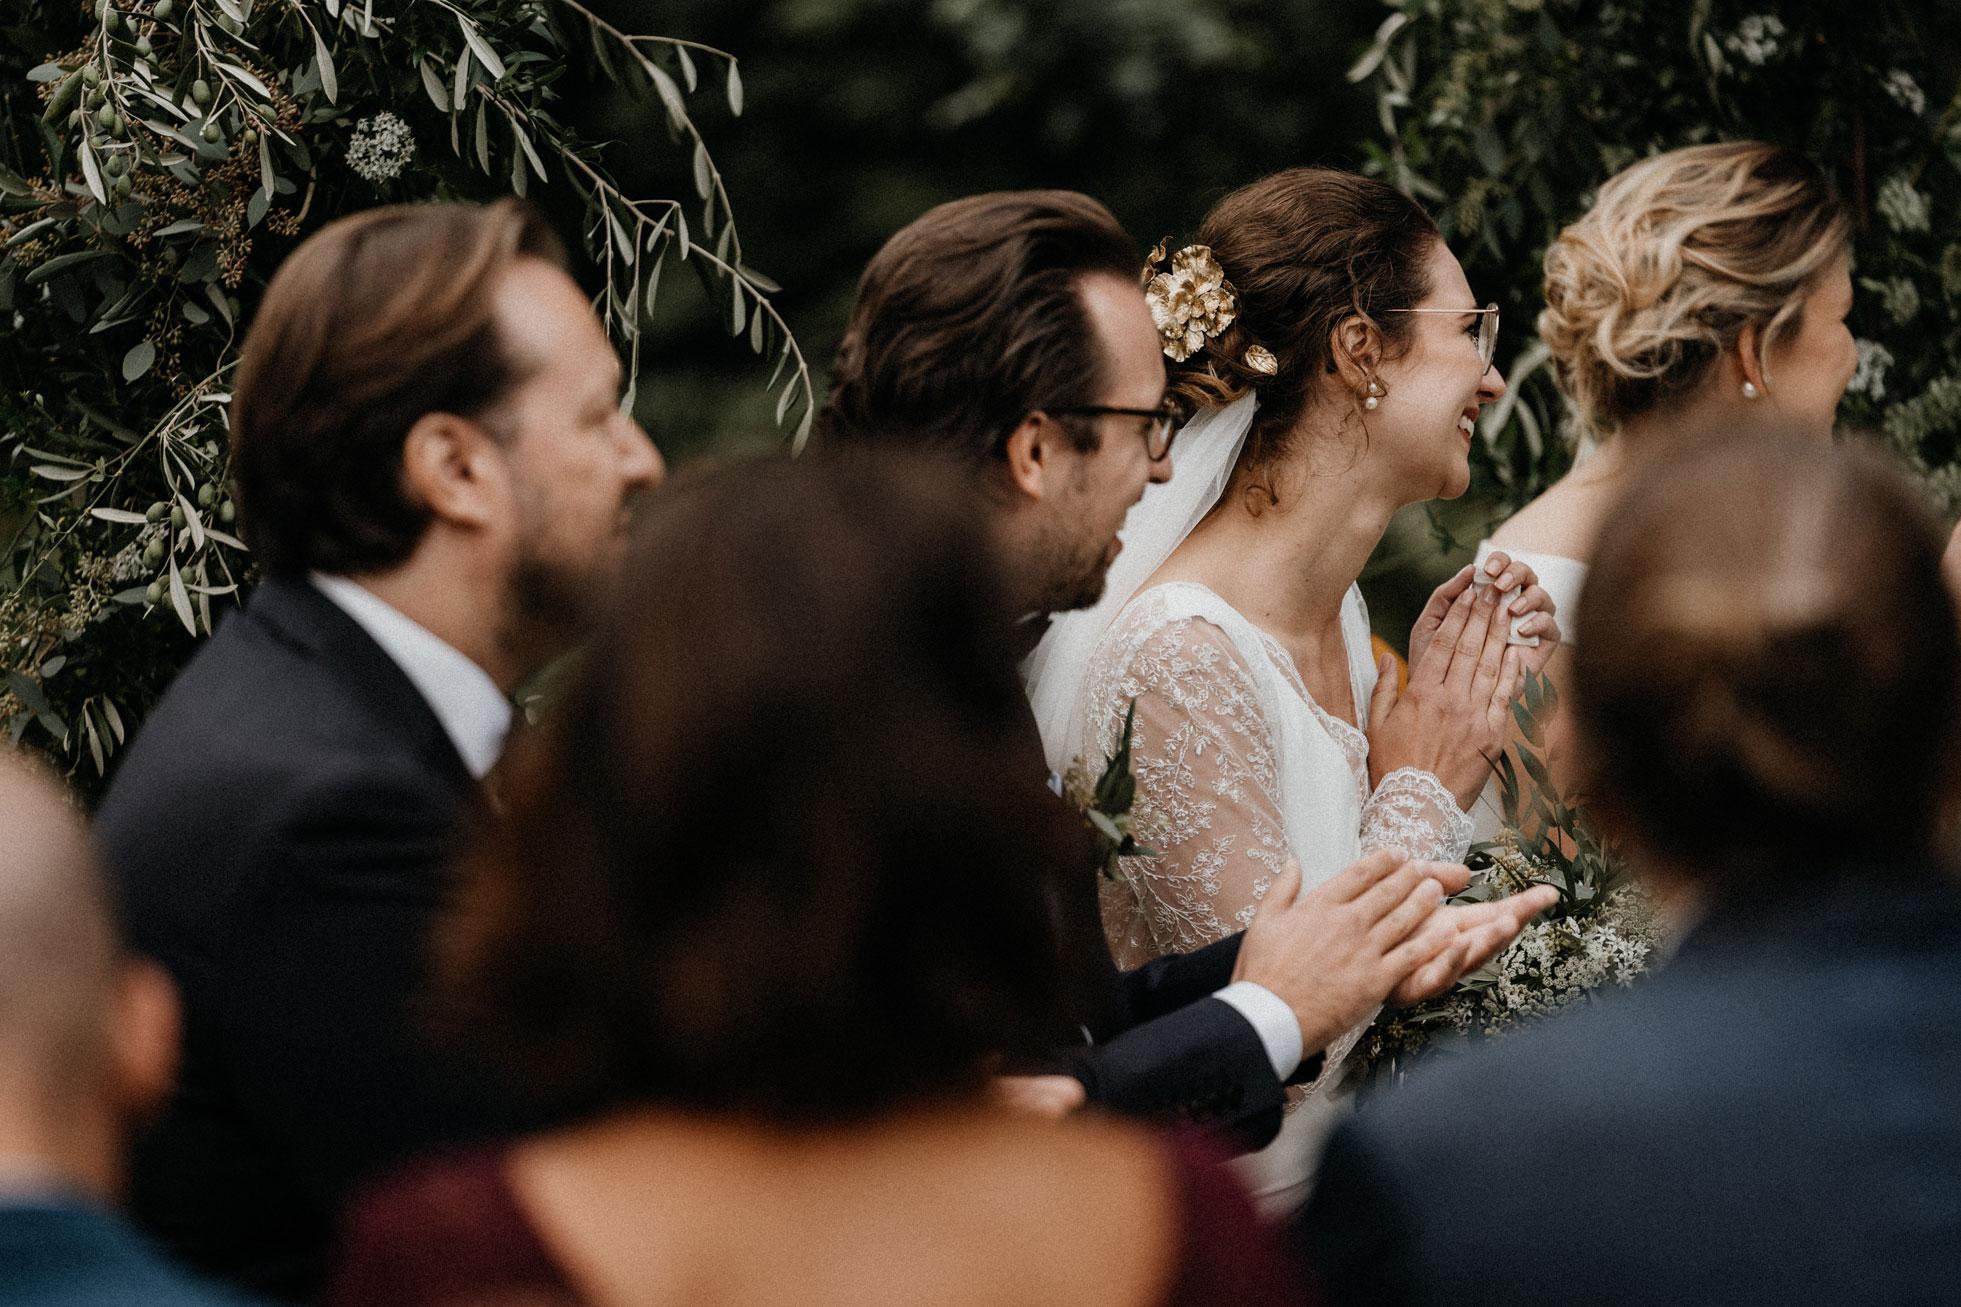 Hochzeit_Claire_Manuel_Villa_Maund_Daniel_Jenny-144.jpg